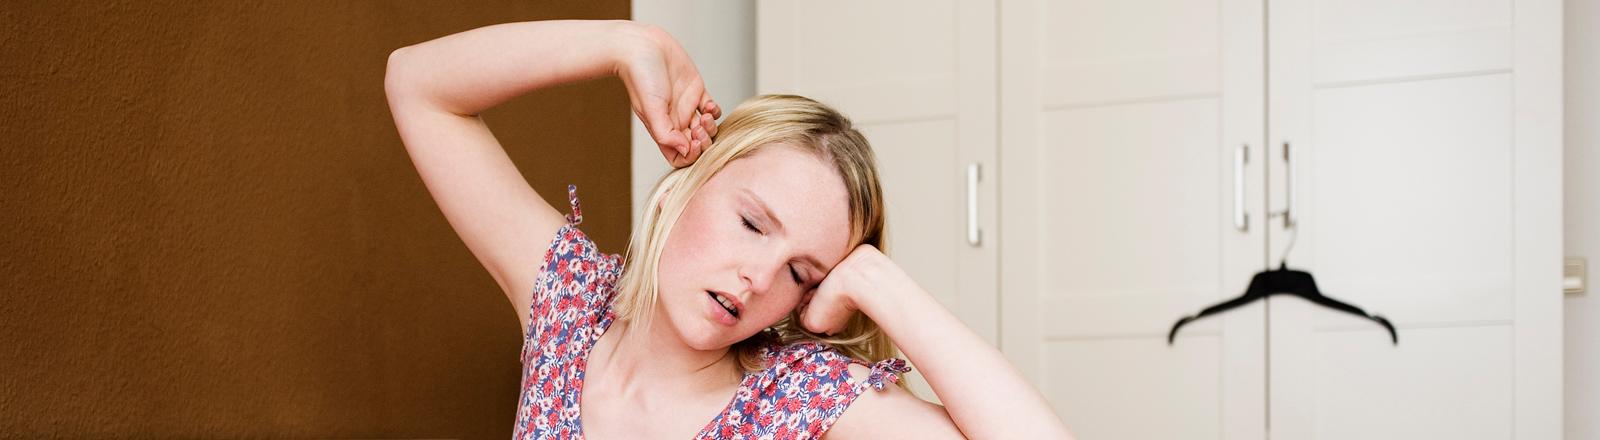 Eine junge Frau sitzt auf einem Bett und gähnt.